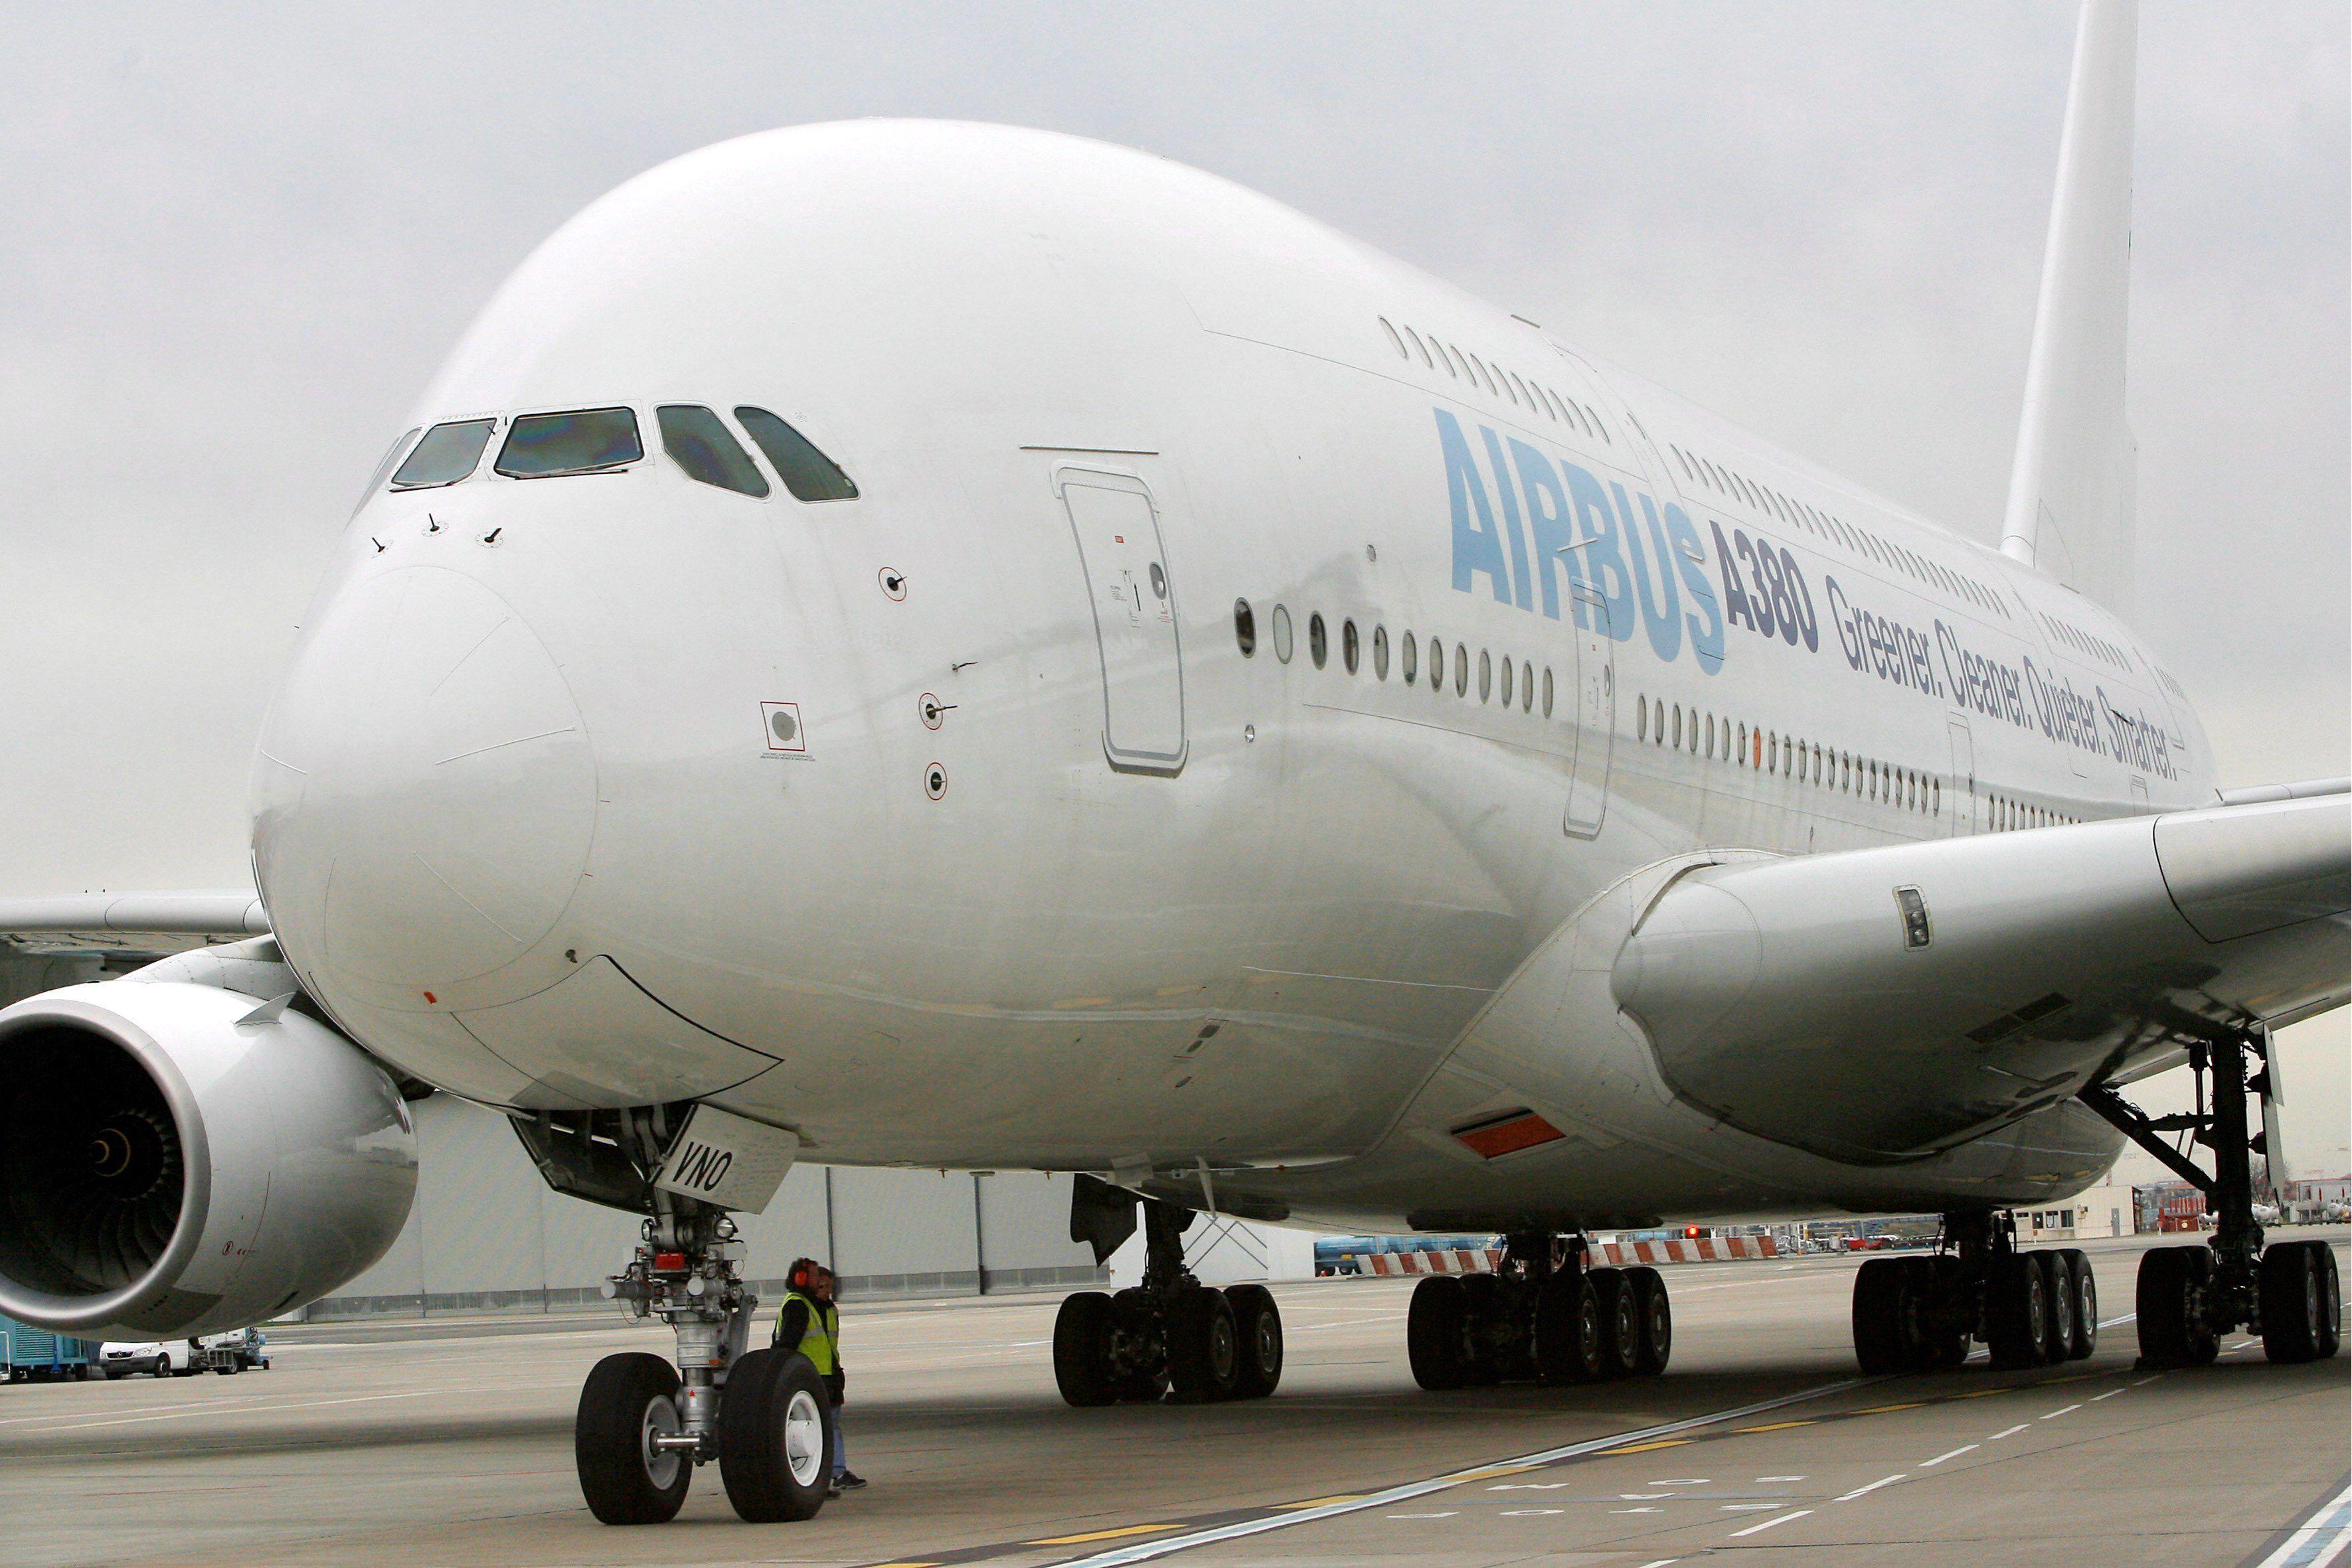 Un Airbus A380 en Toulousse (Francia). EFE/Guillaume Horcajuelo/Archivo